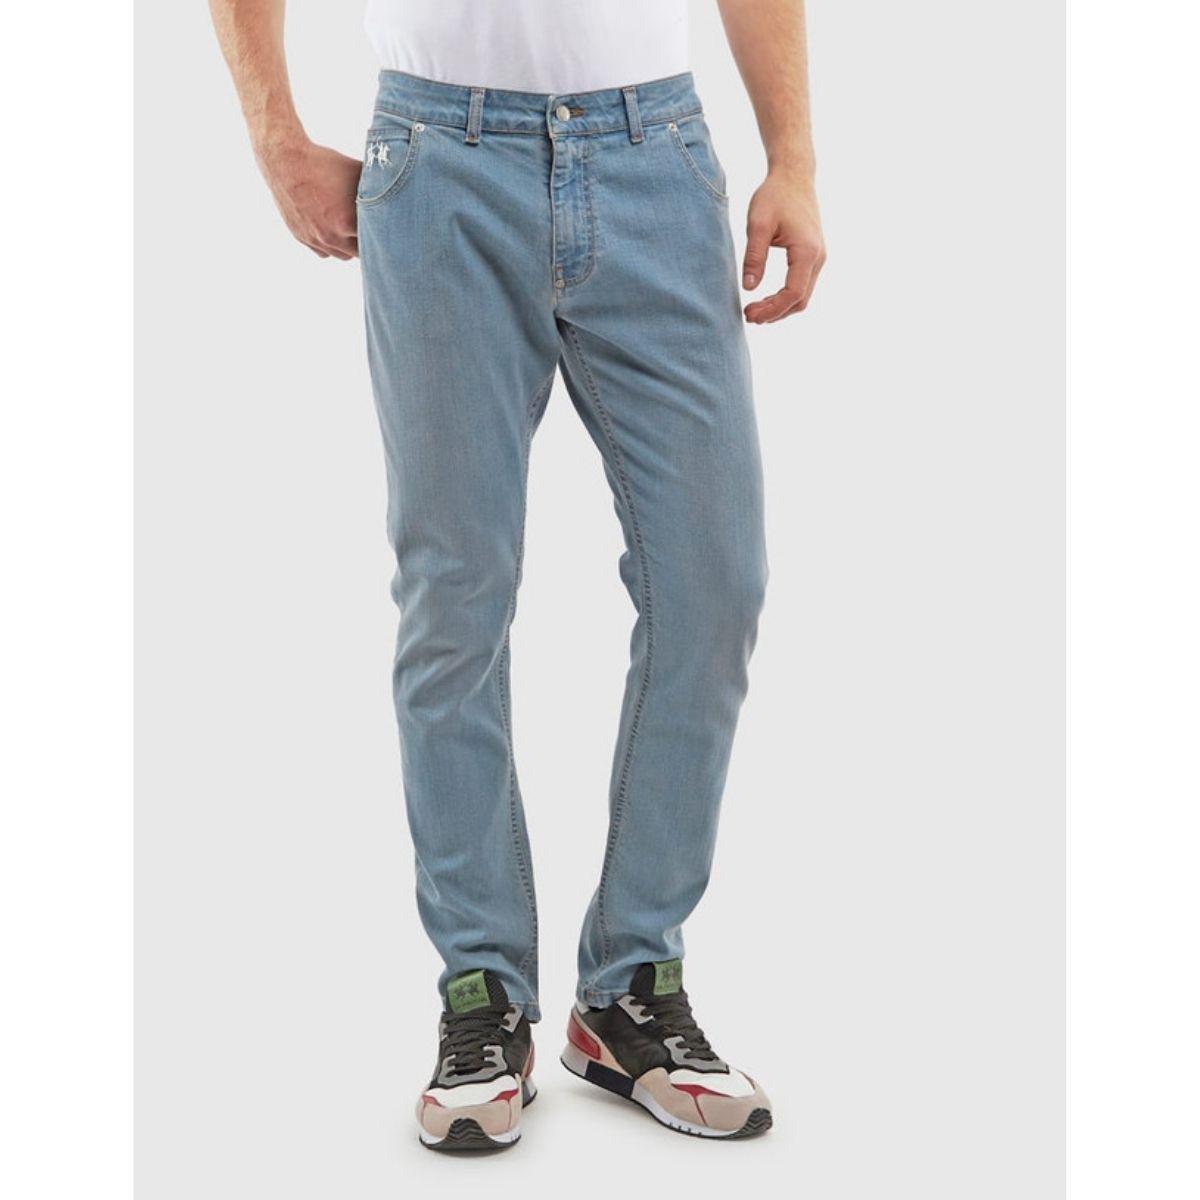 Jeans La Martina 5 Tasche...